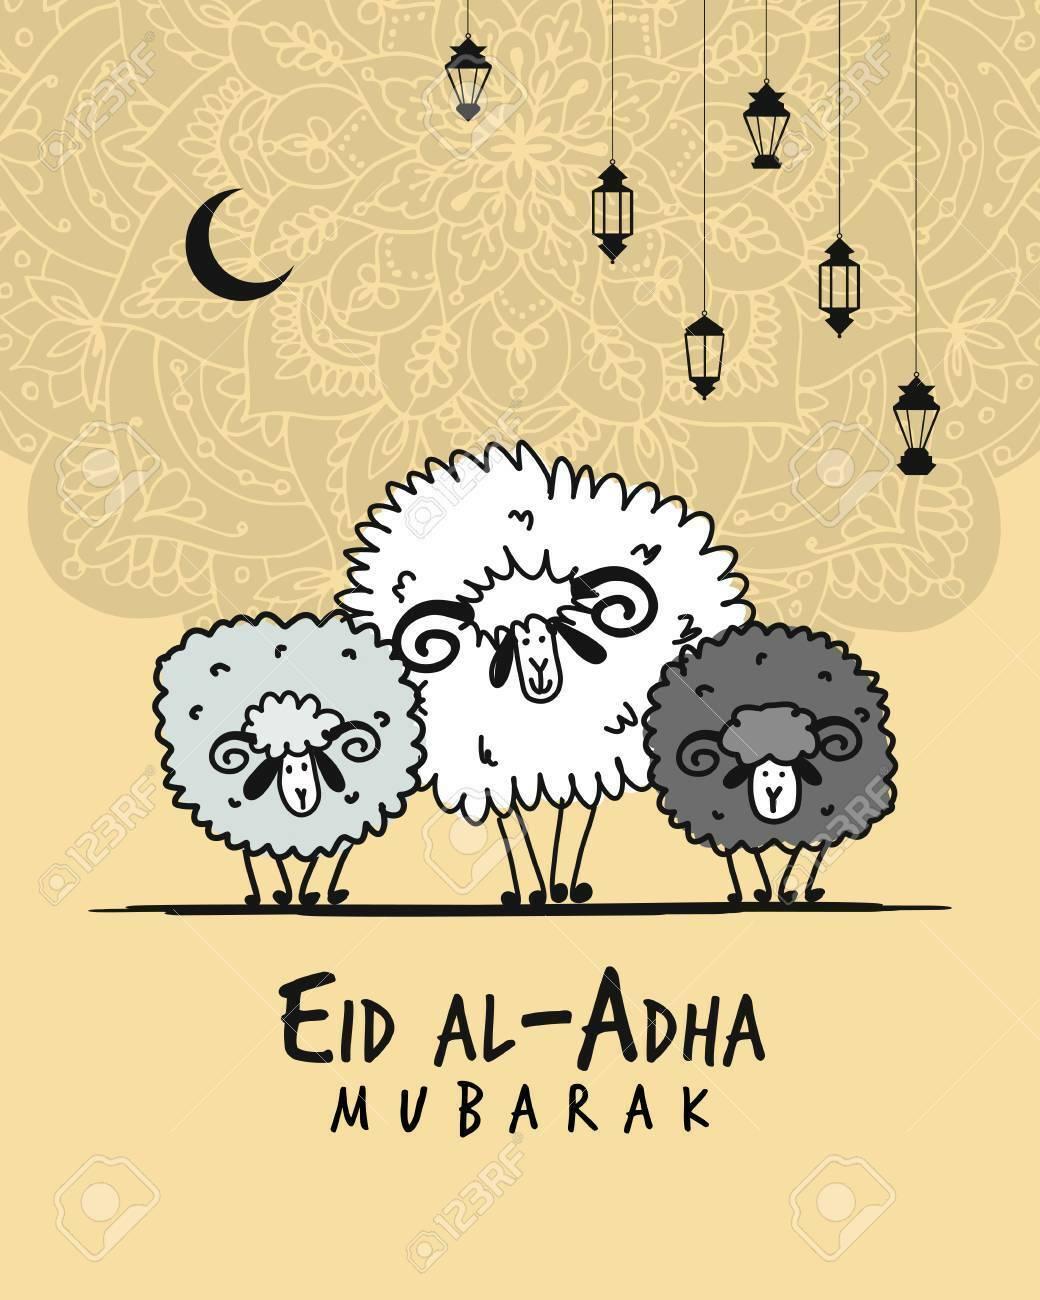 84999176-muslim-holiday-eid-al-adha-card-for-your-design.jpg